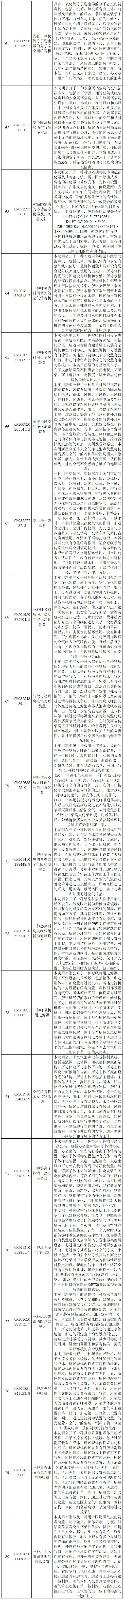 抗击新型冠状病毒肺炎专利资源遴选(九)——环境消毒专利